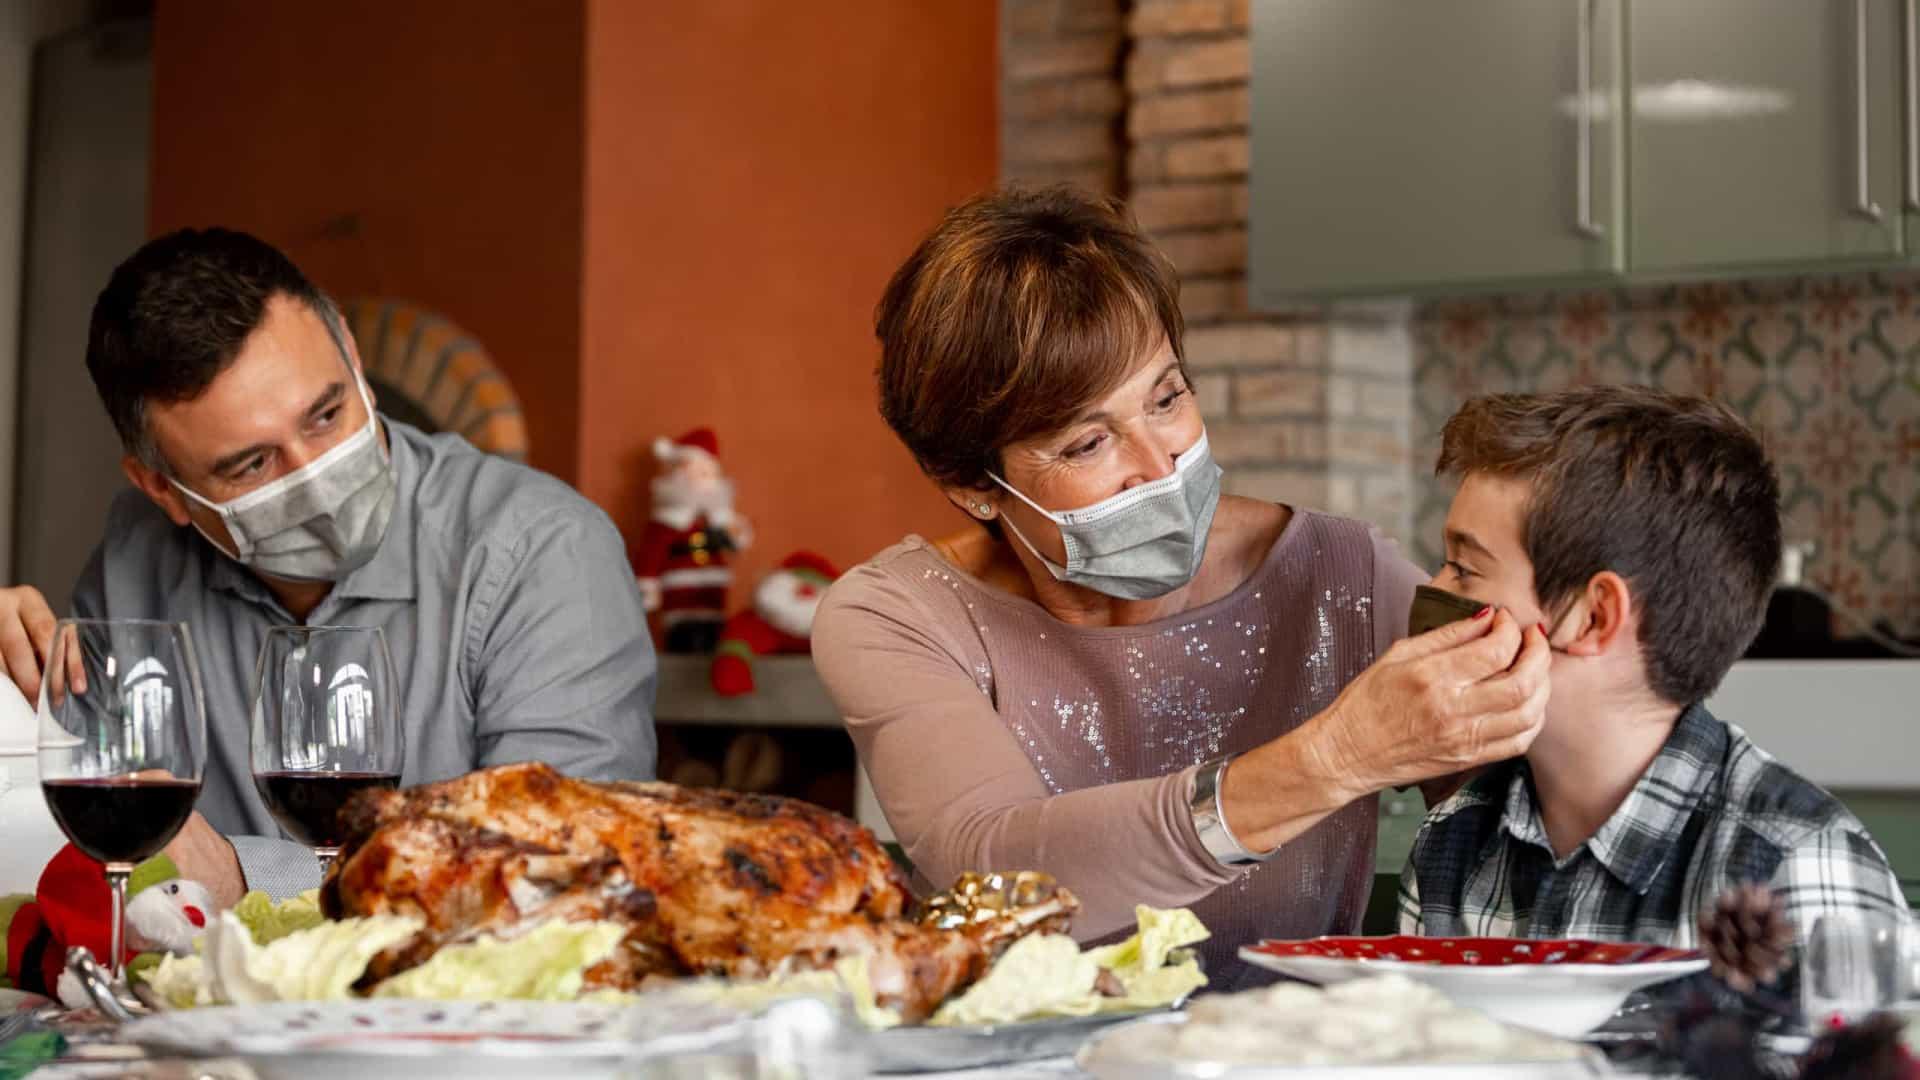 naom 5fe991f505e1d - Encontrou a família e sintomas de Covid começaram agora? Isole-se e avise-os